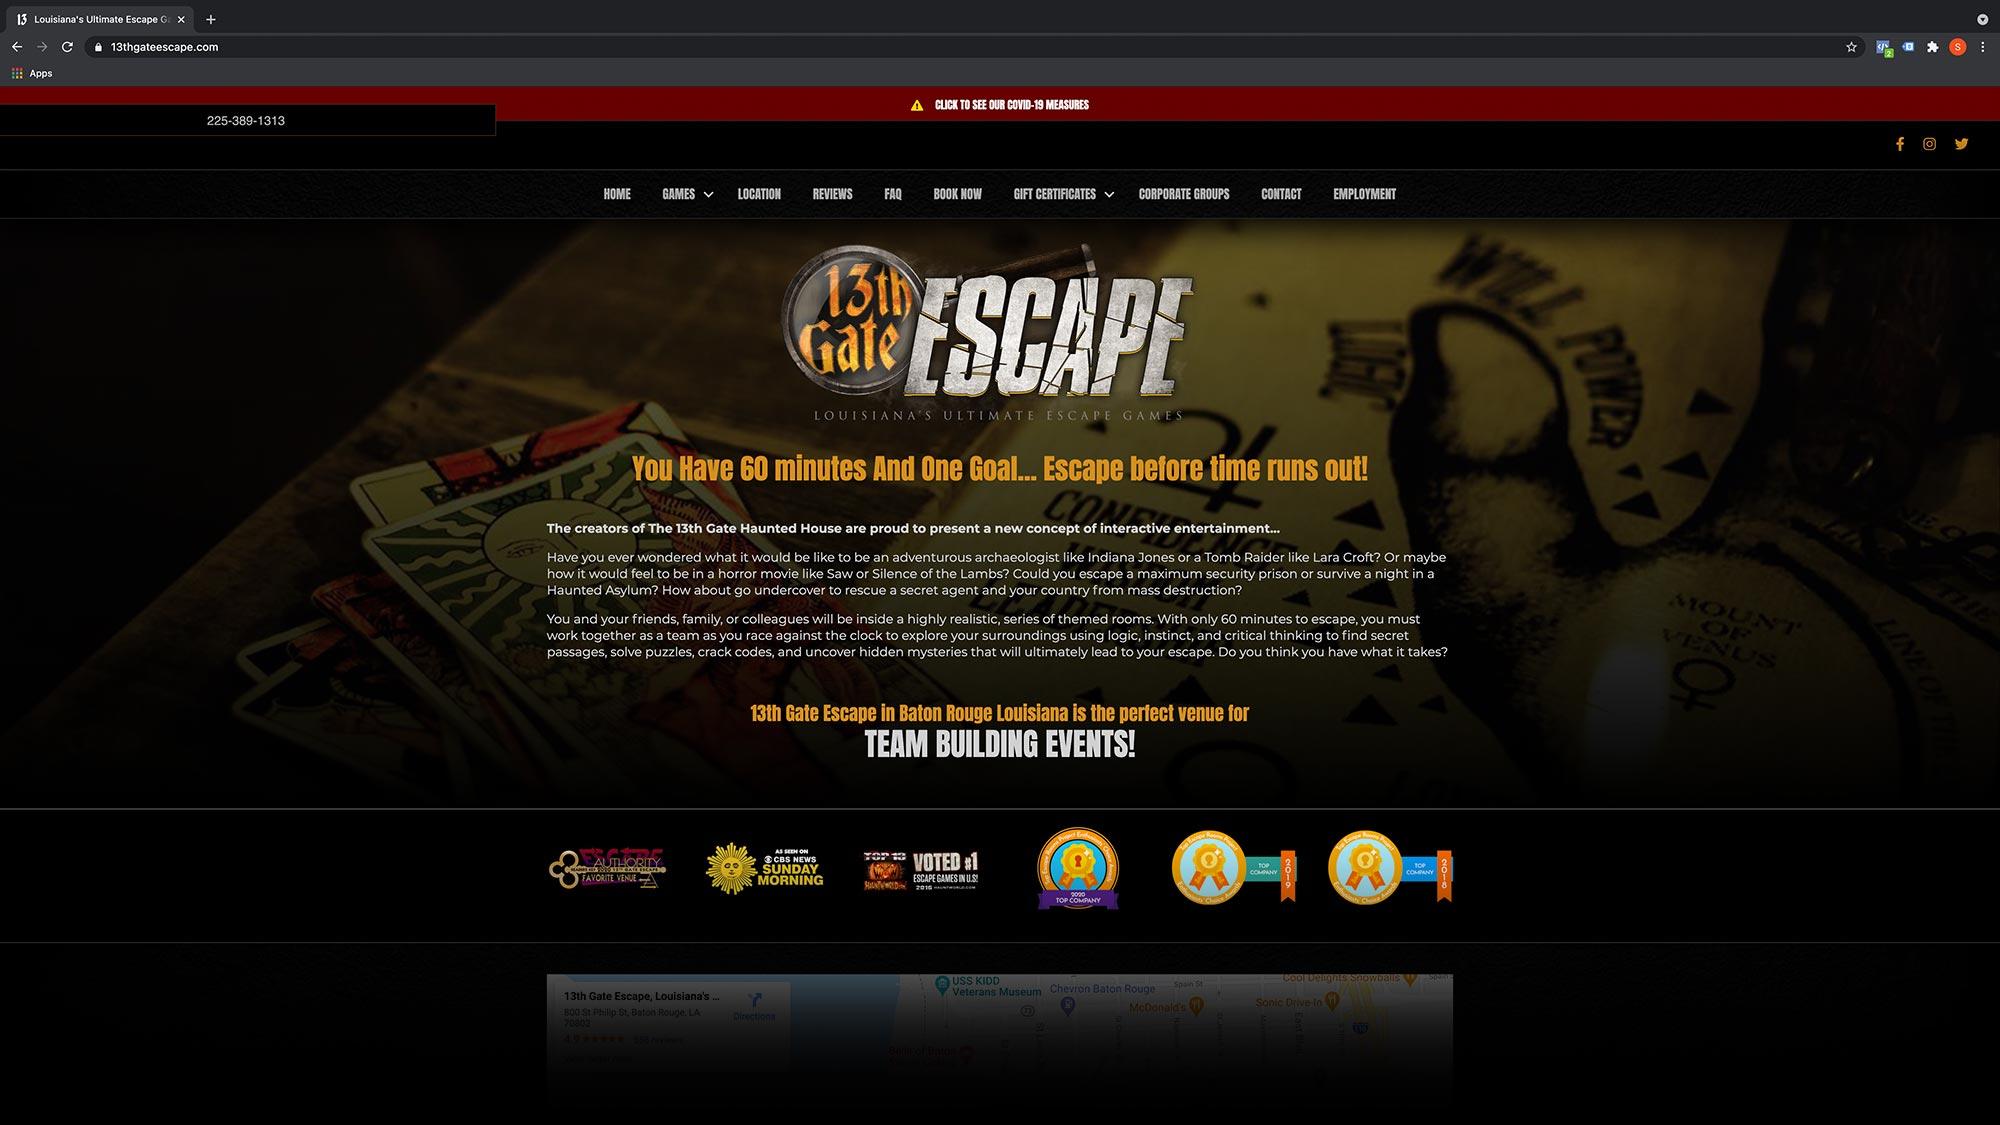 13thgateescape.com